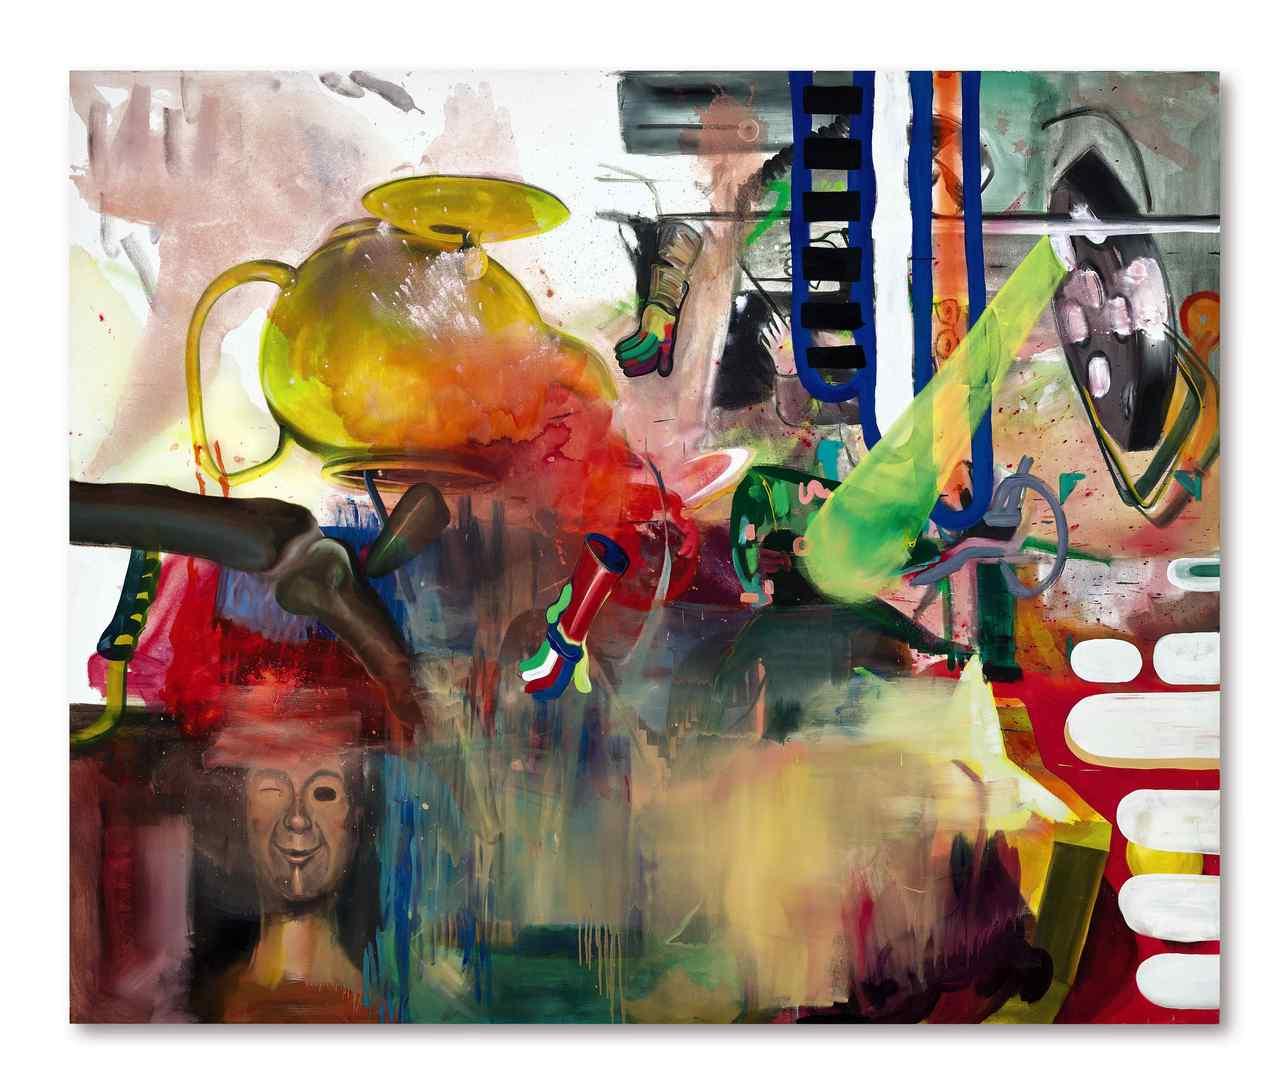 阿爾伯特・爾萊恩(Albert Oehlen)《哨聲》 2001年作,油畫噴瓷漆畫布,280 x 340.5公分